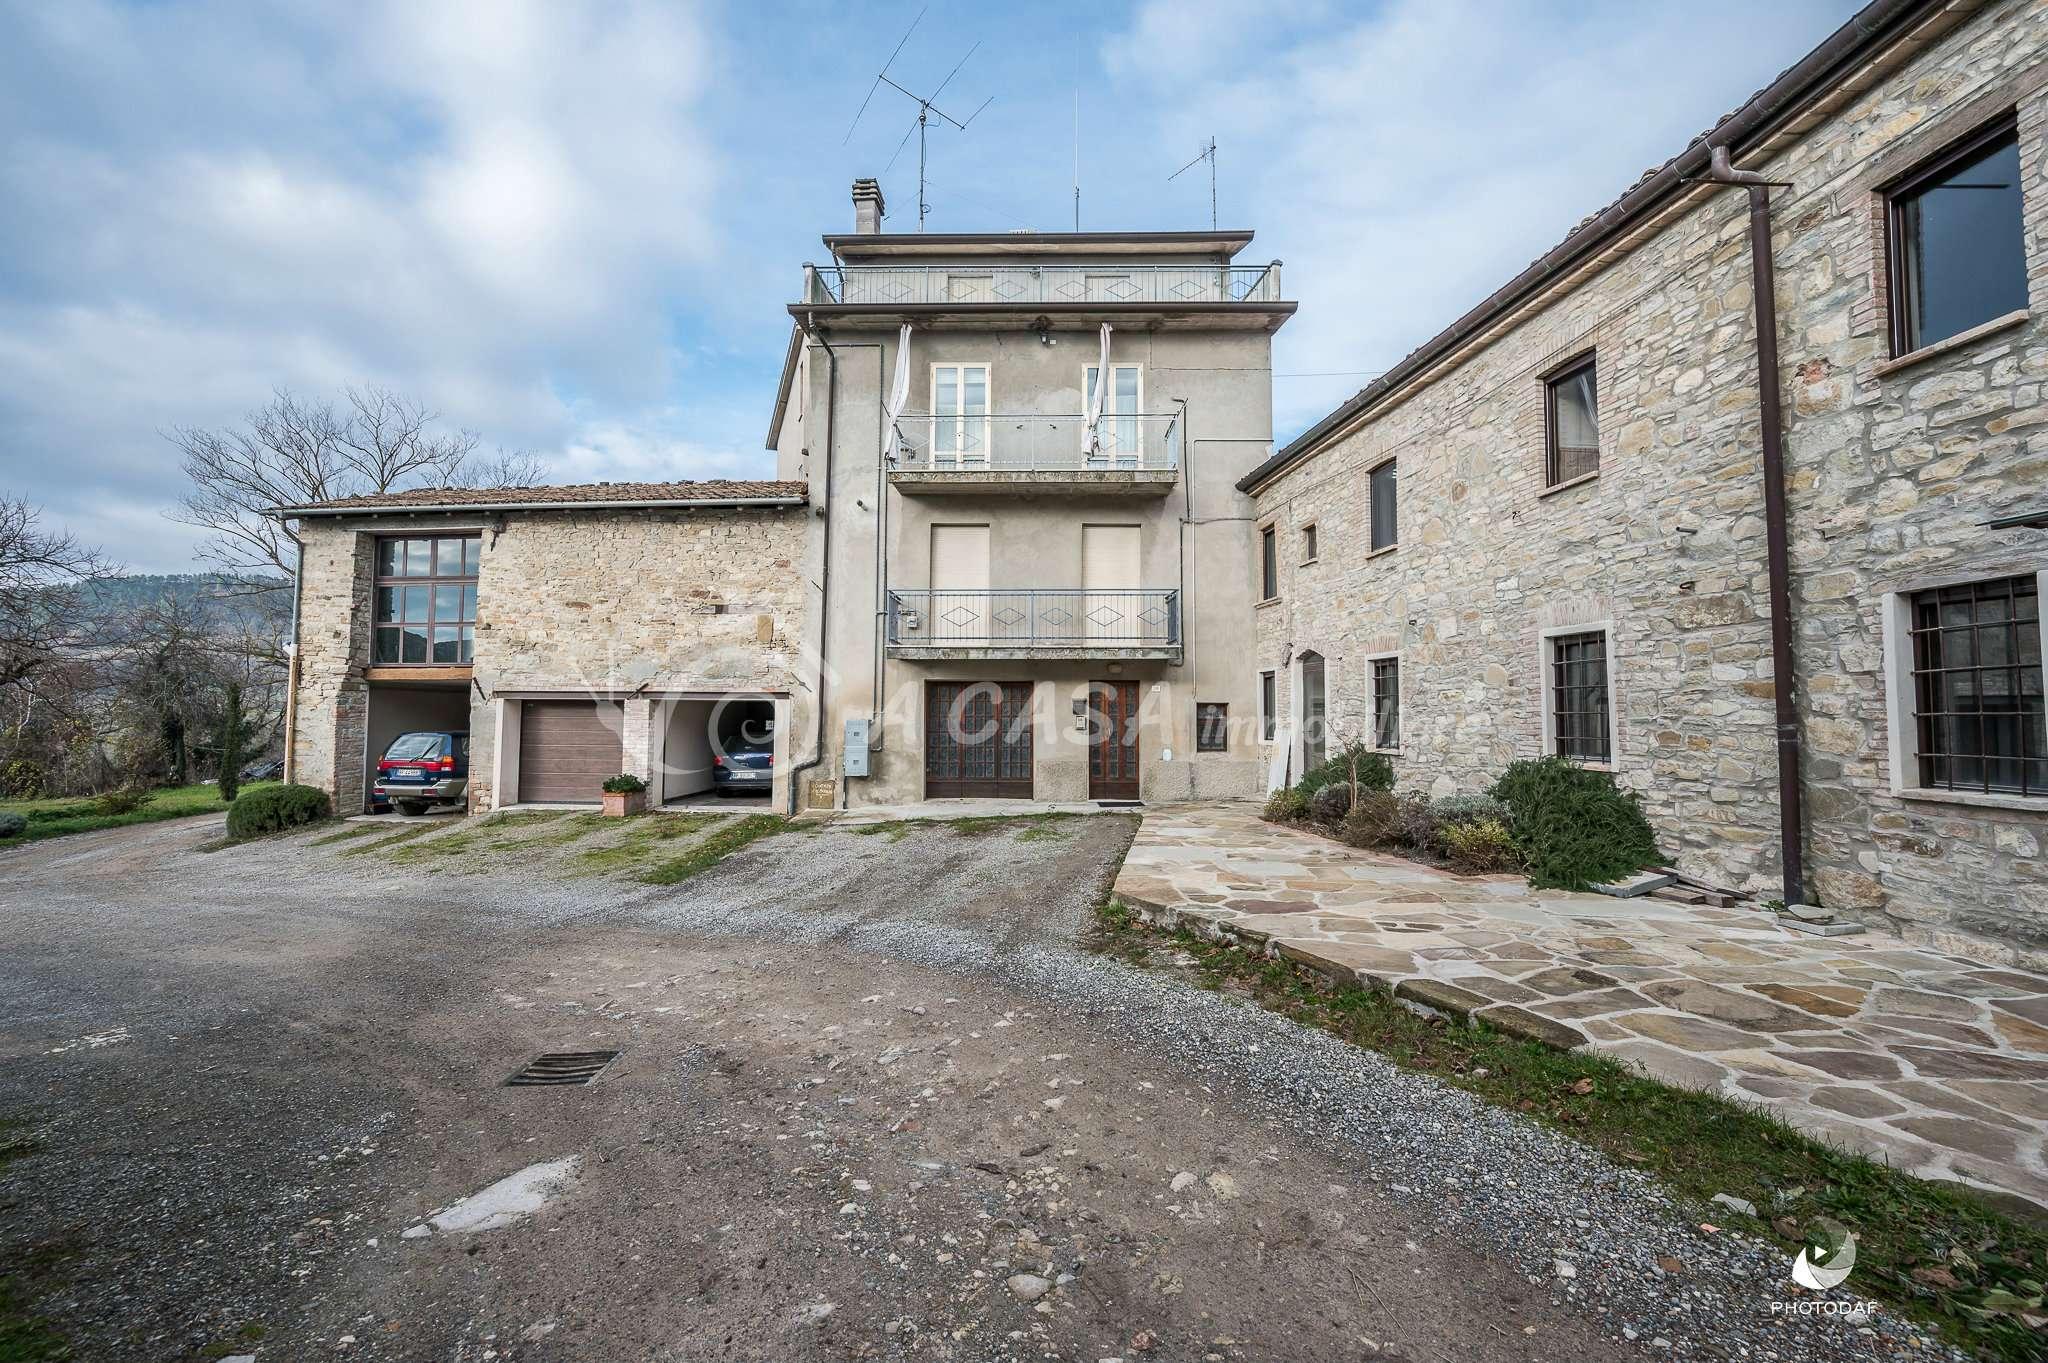 Appartamento in vendita a Langhirano, 3 locali, prezzo € 39.000 | CambioCasa.it